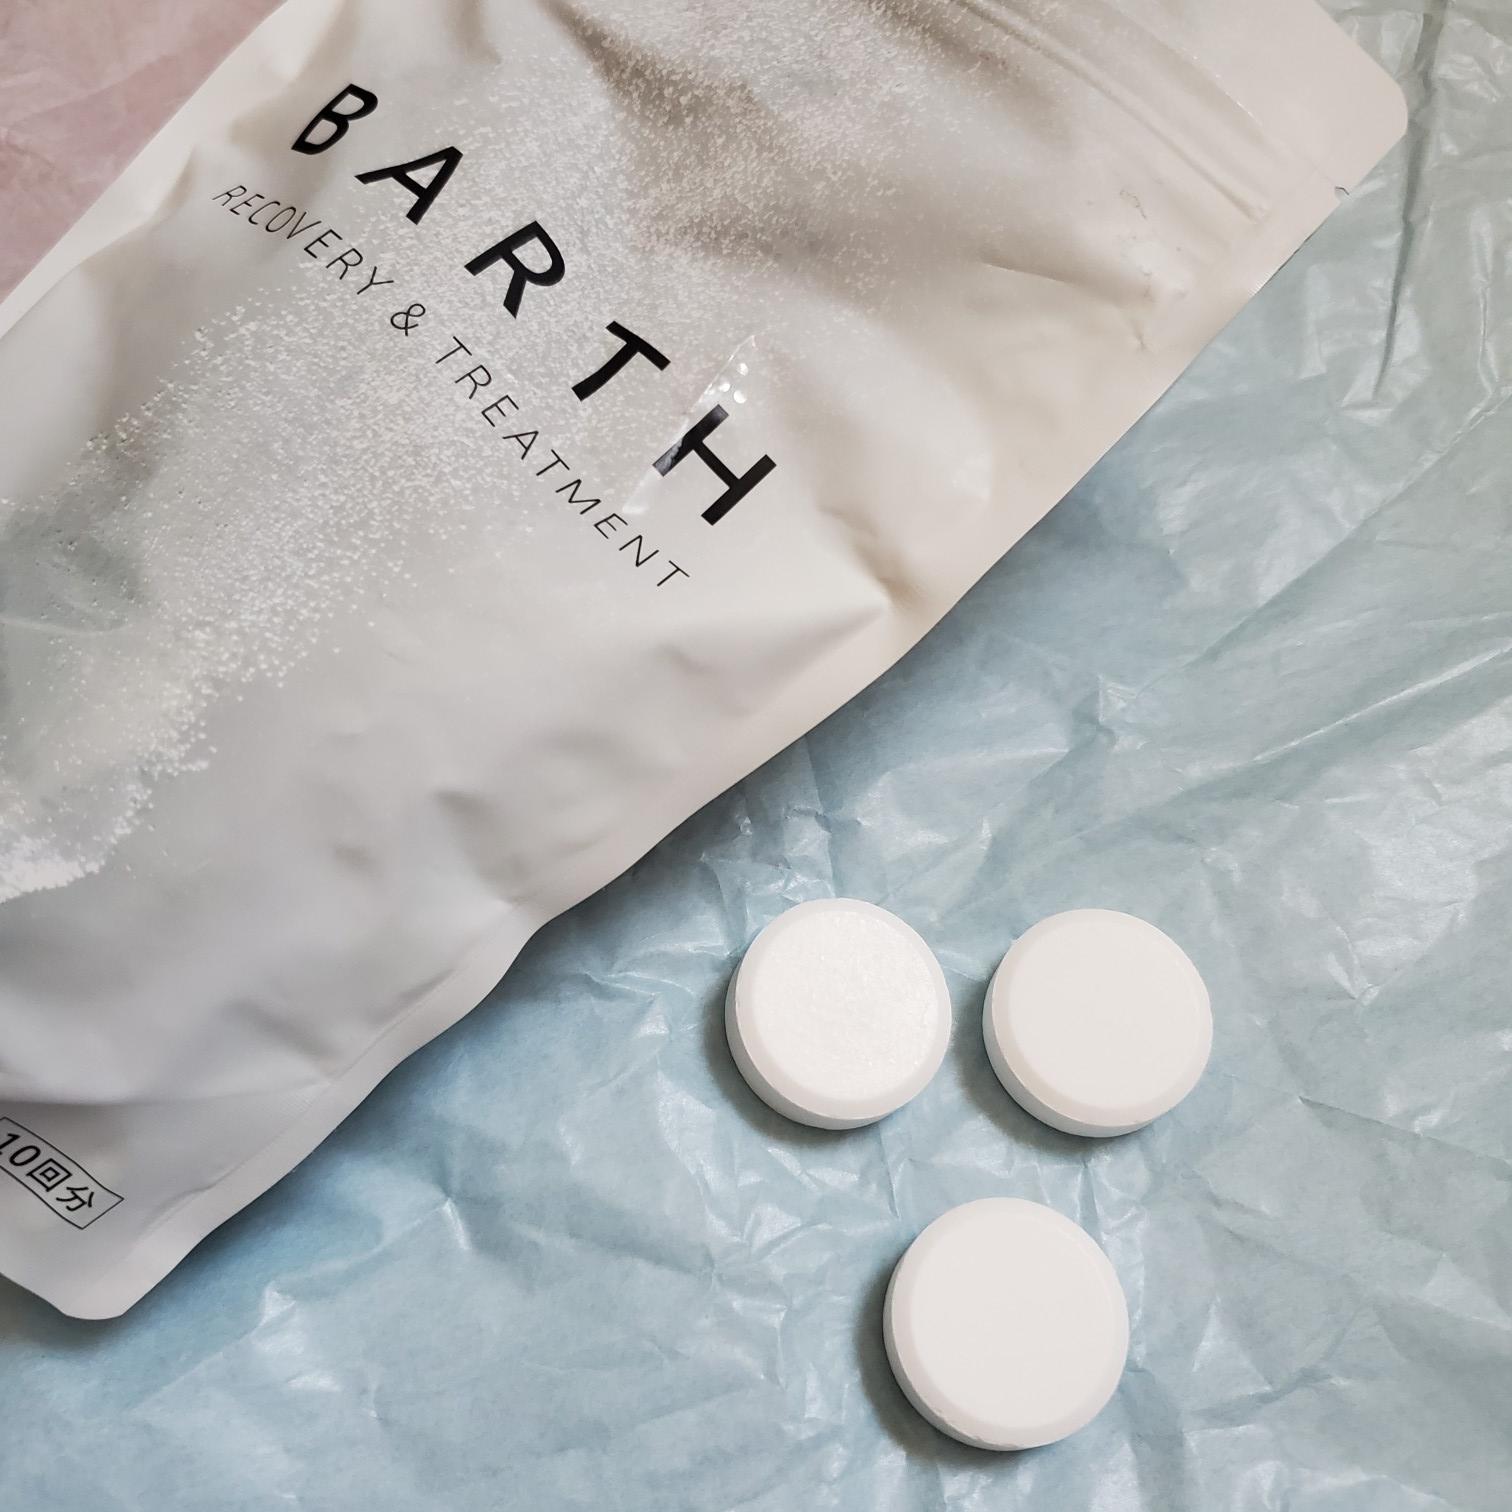 BIRTH(バース)のタブレット入浴剤